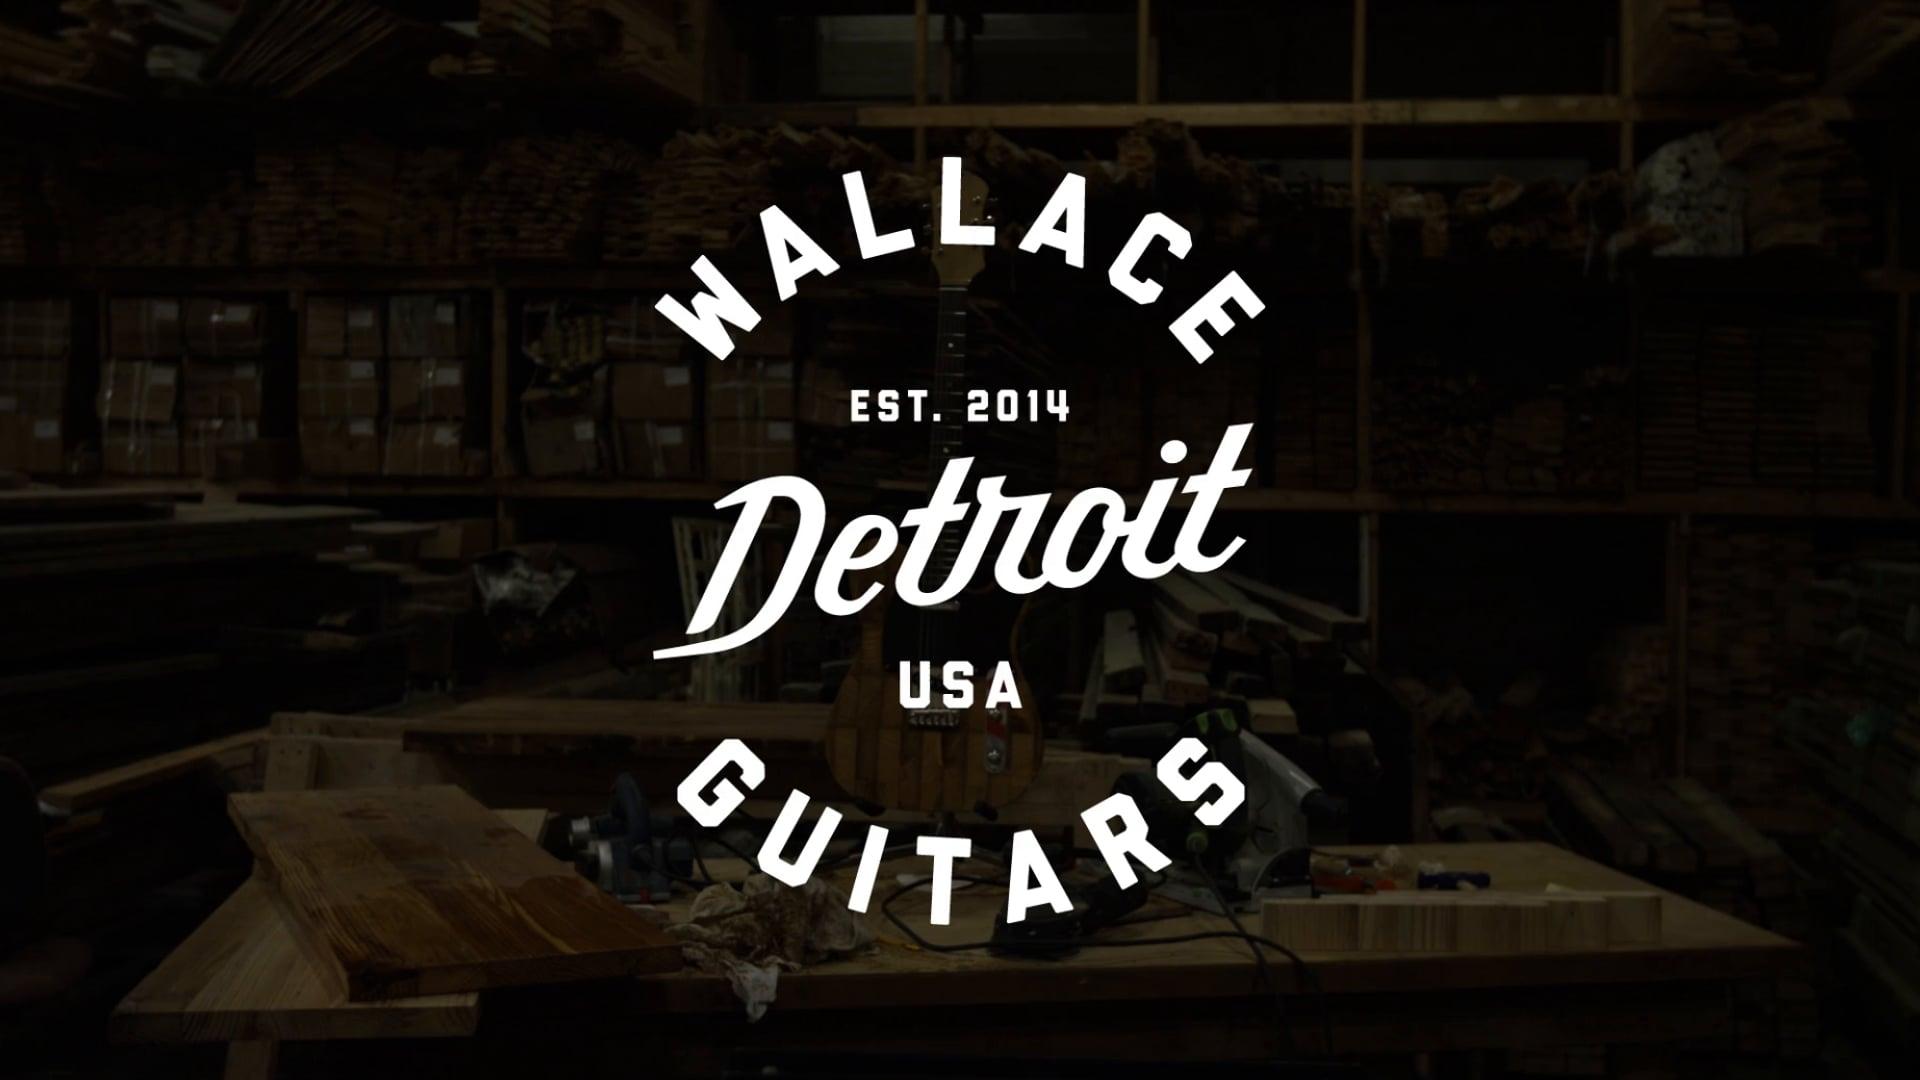 Wallace Detroit Guitars